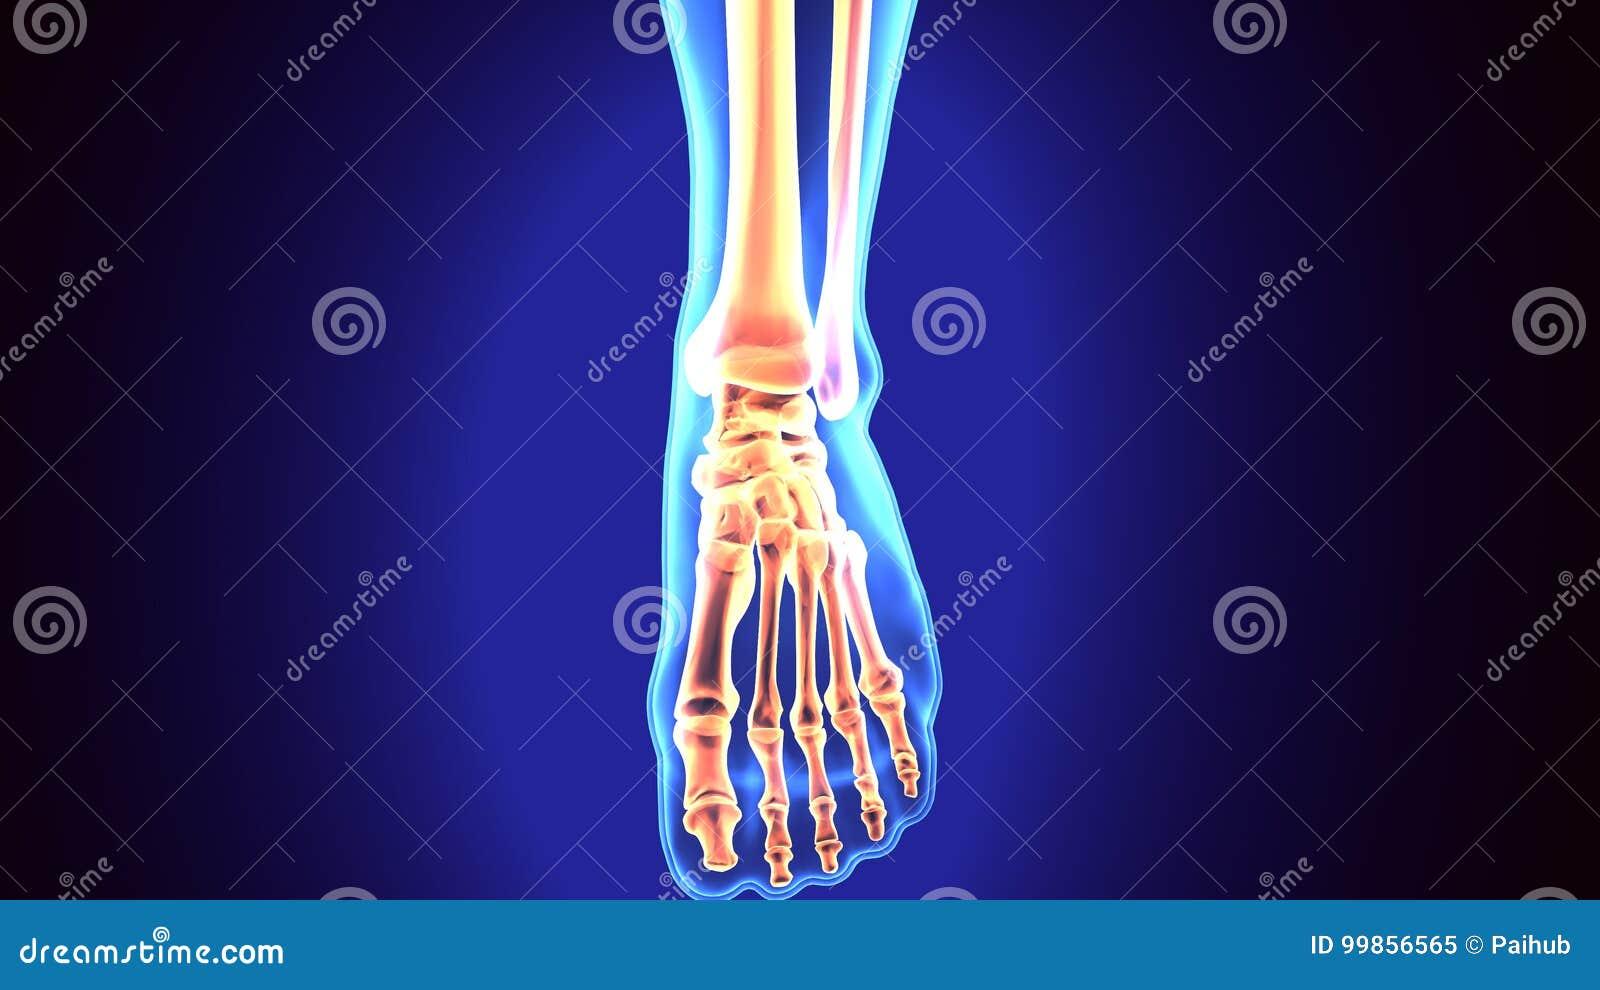 Anatomie Du Pied 3D illustration d'anatomie de pied humain 3d rendent illustration stock